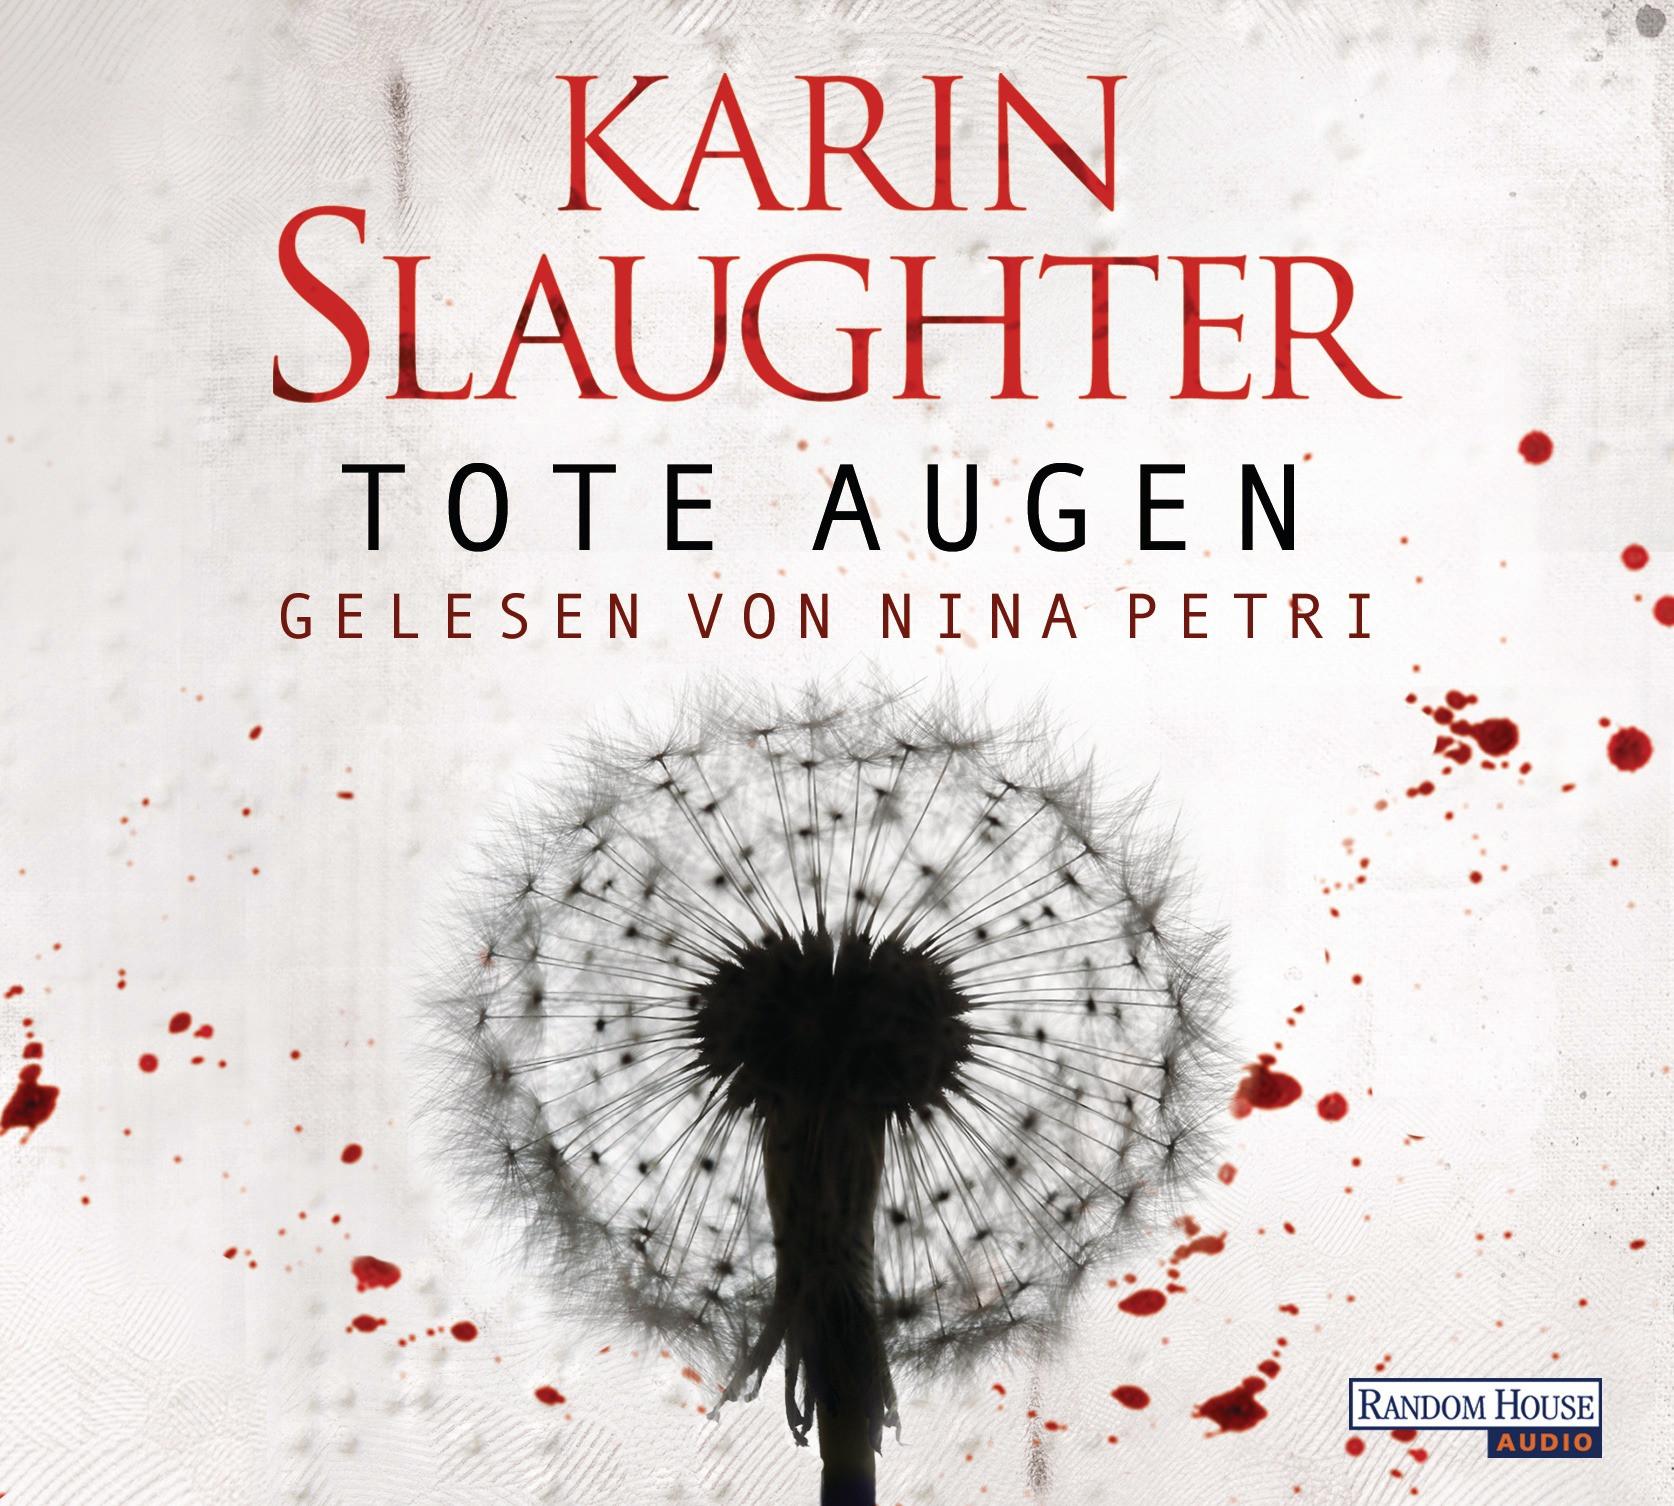 Karin Slaughter - Tote Augen